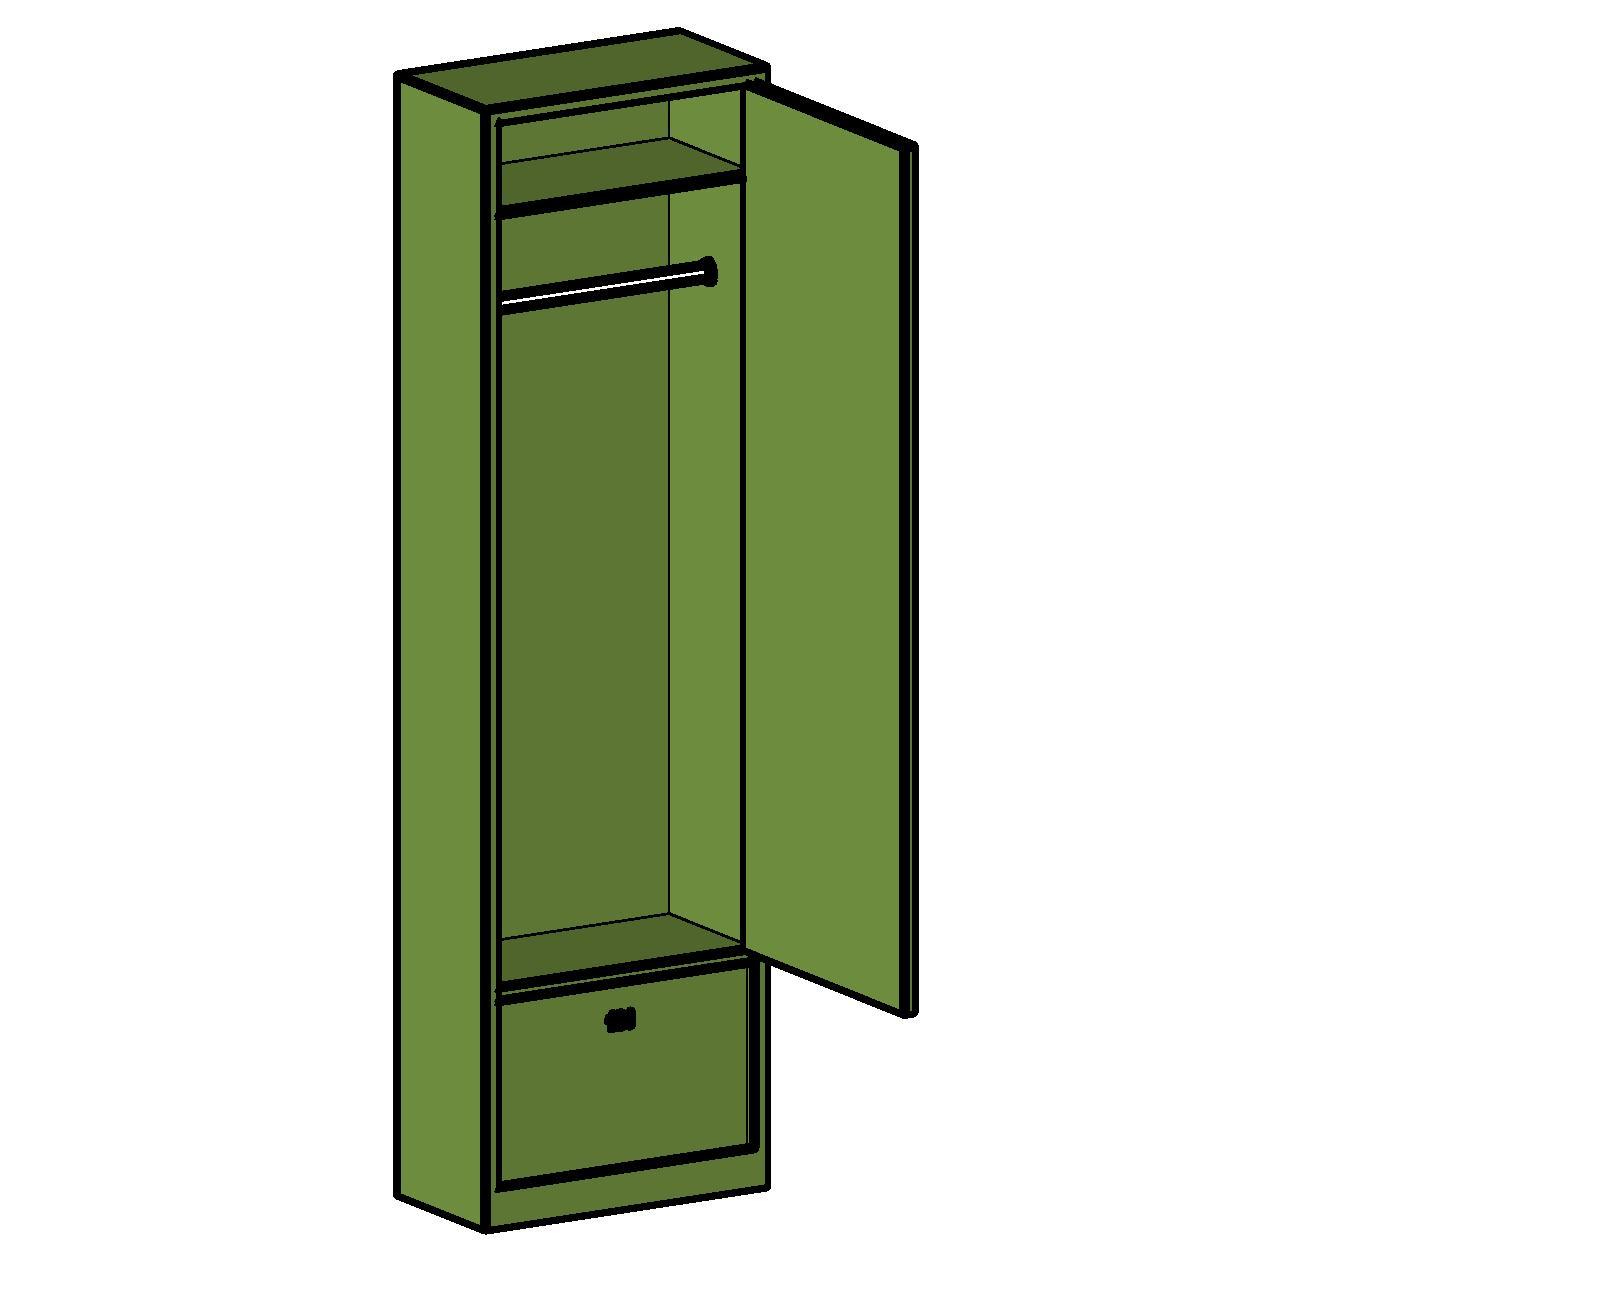 Generic Lockers Bim Objects Families